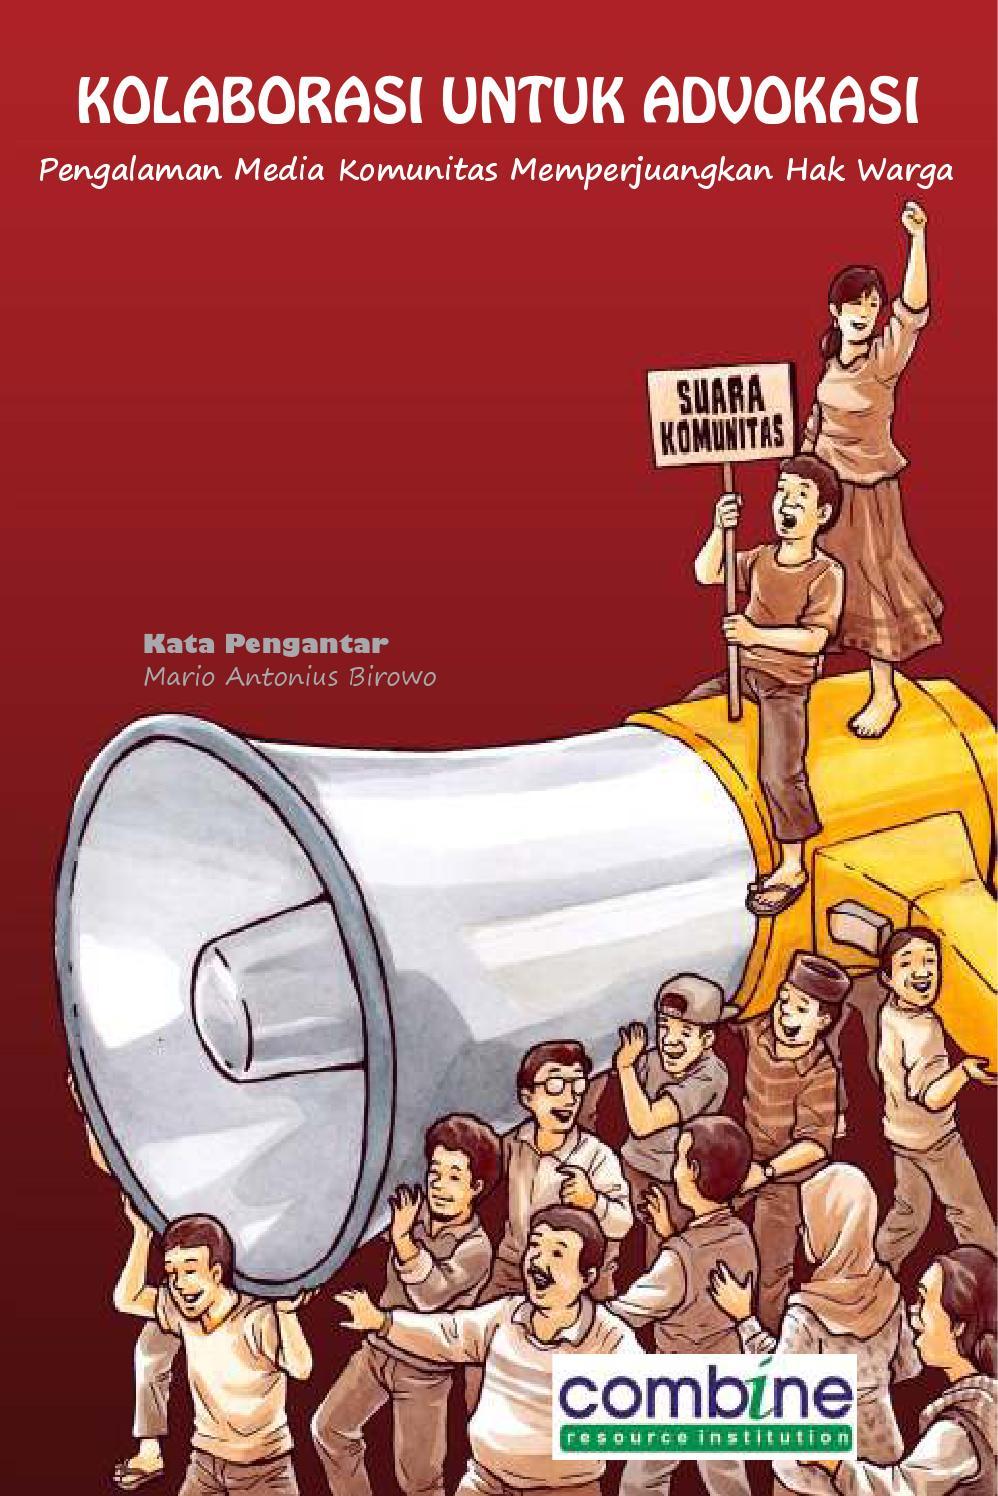 Hasil gambar untuk buku kolaborasi untuk advokasi